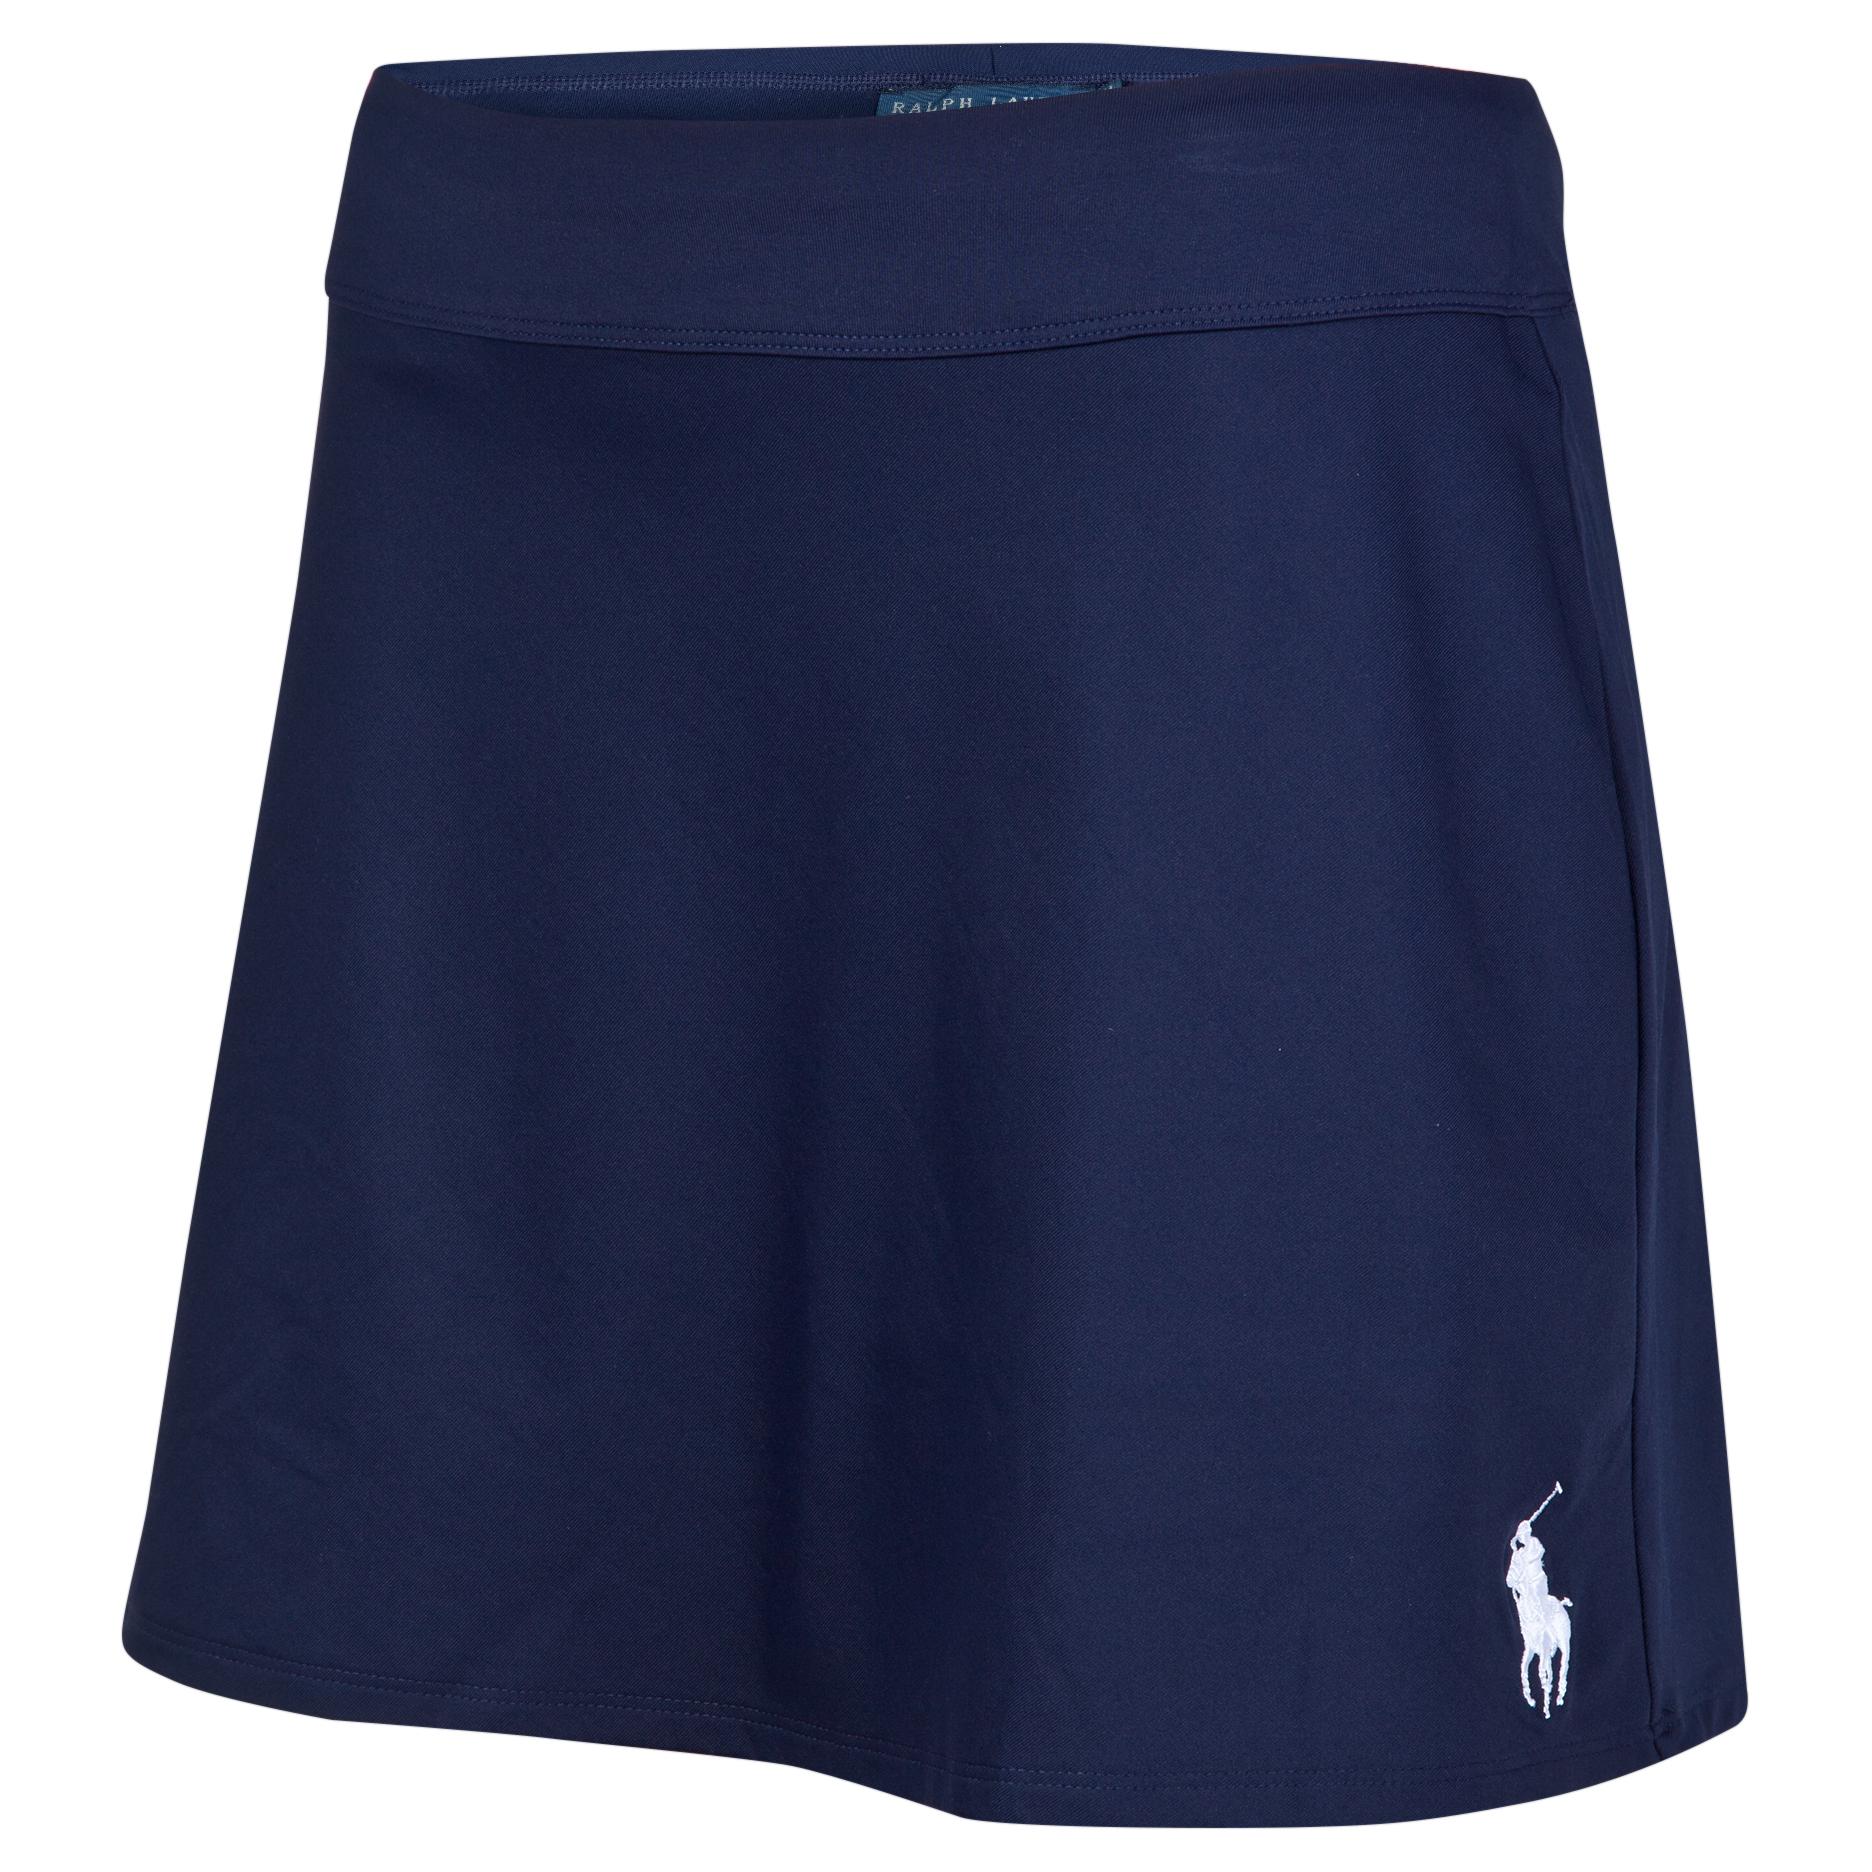 Wimbledon Ralph Lauren Wimbledon Ball Girl Skirt - Womens French Navy